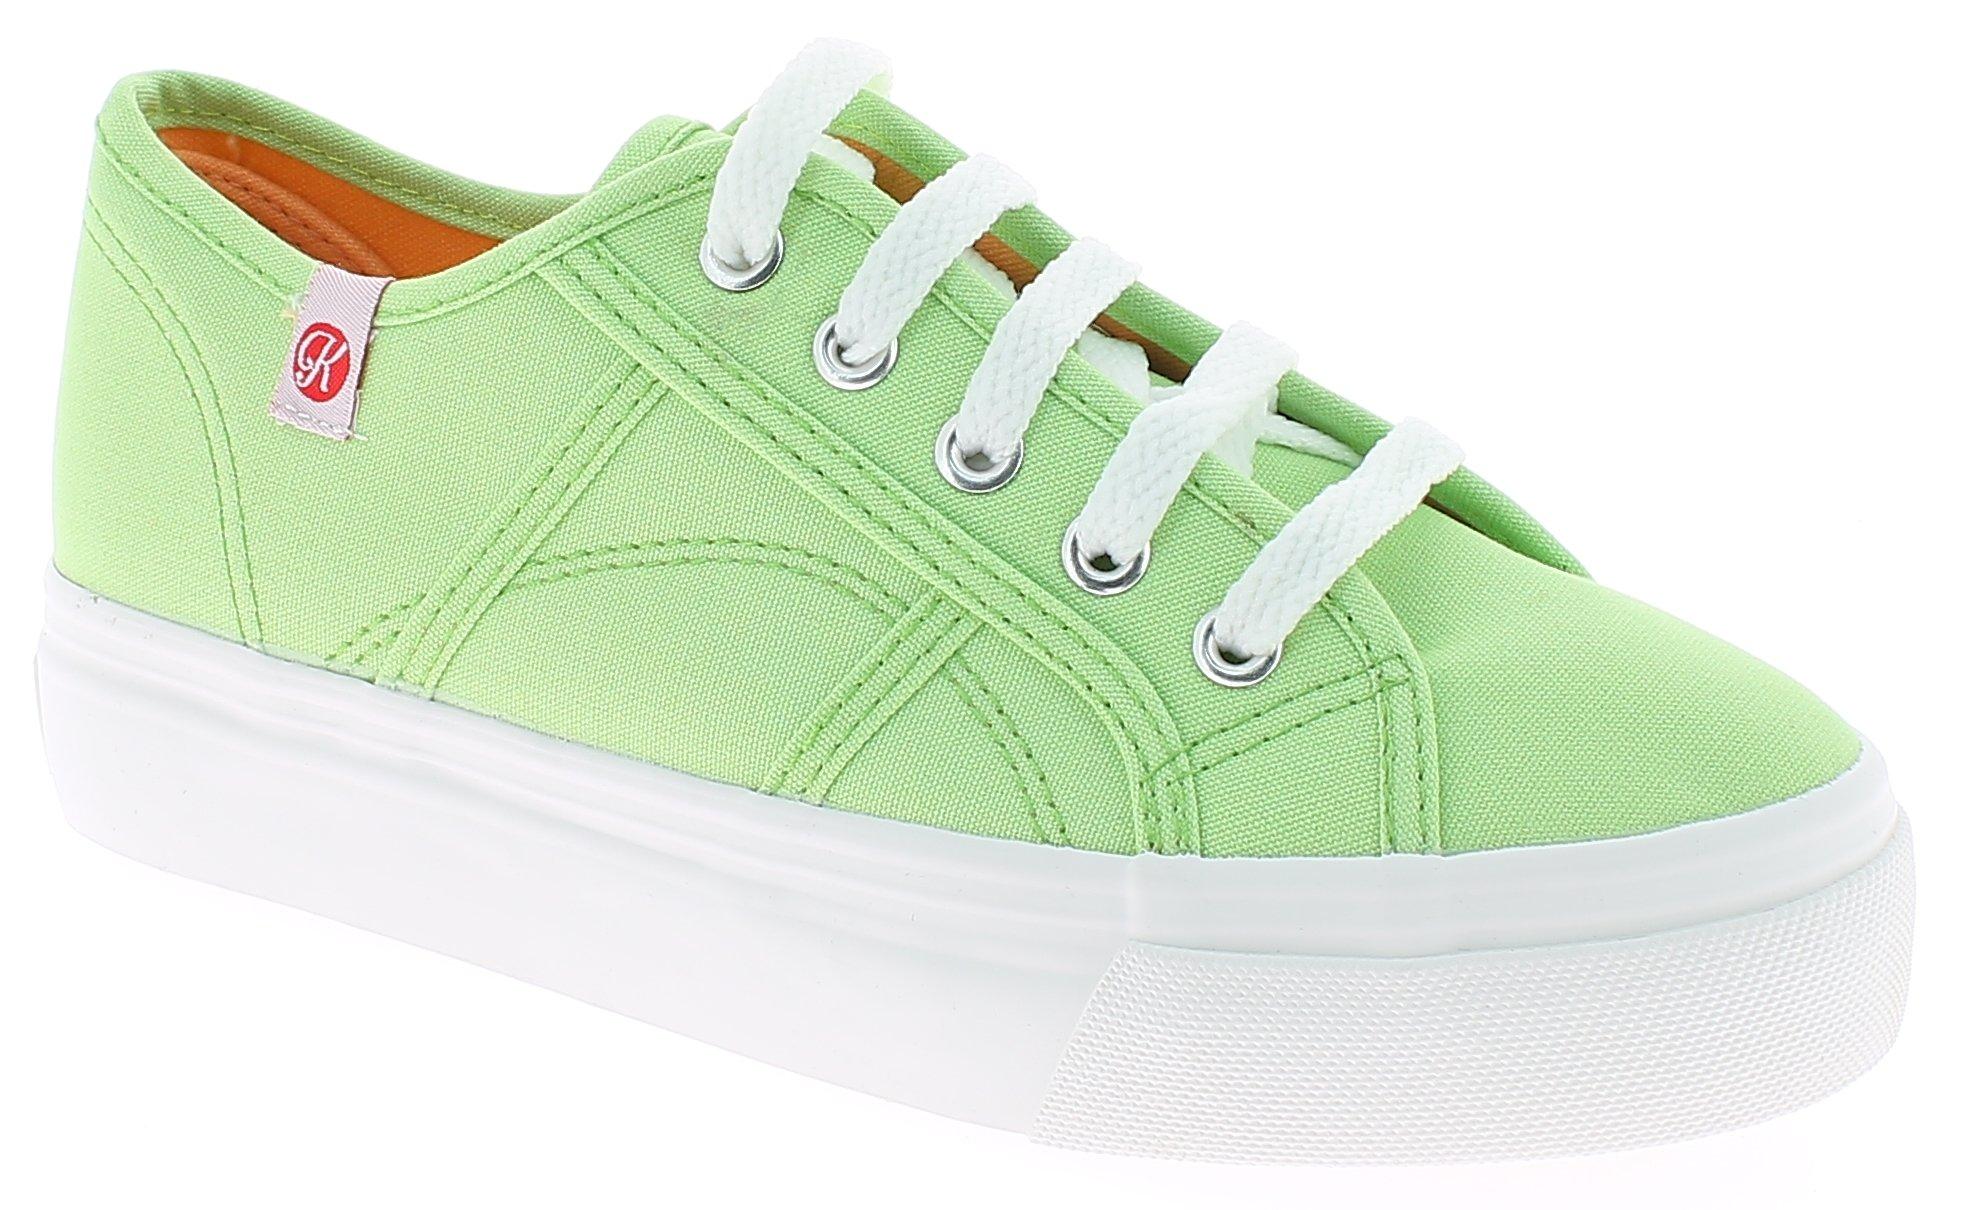 IQSHOES Γυναικείο Casual 145401 Λαχανί - IqShoes - 145401 VERDE green 37/1/4/27 προϊόντα παπούτσια